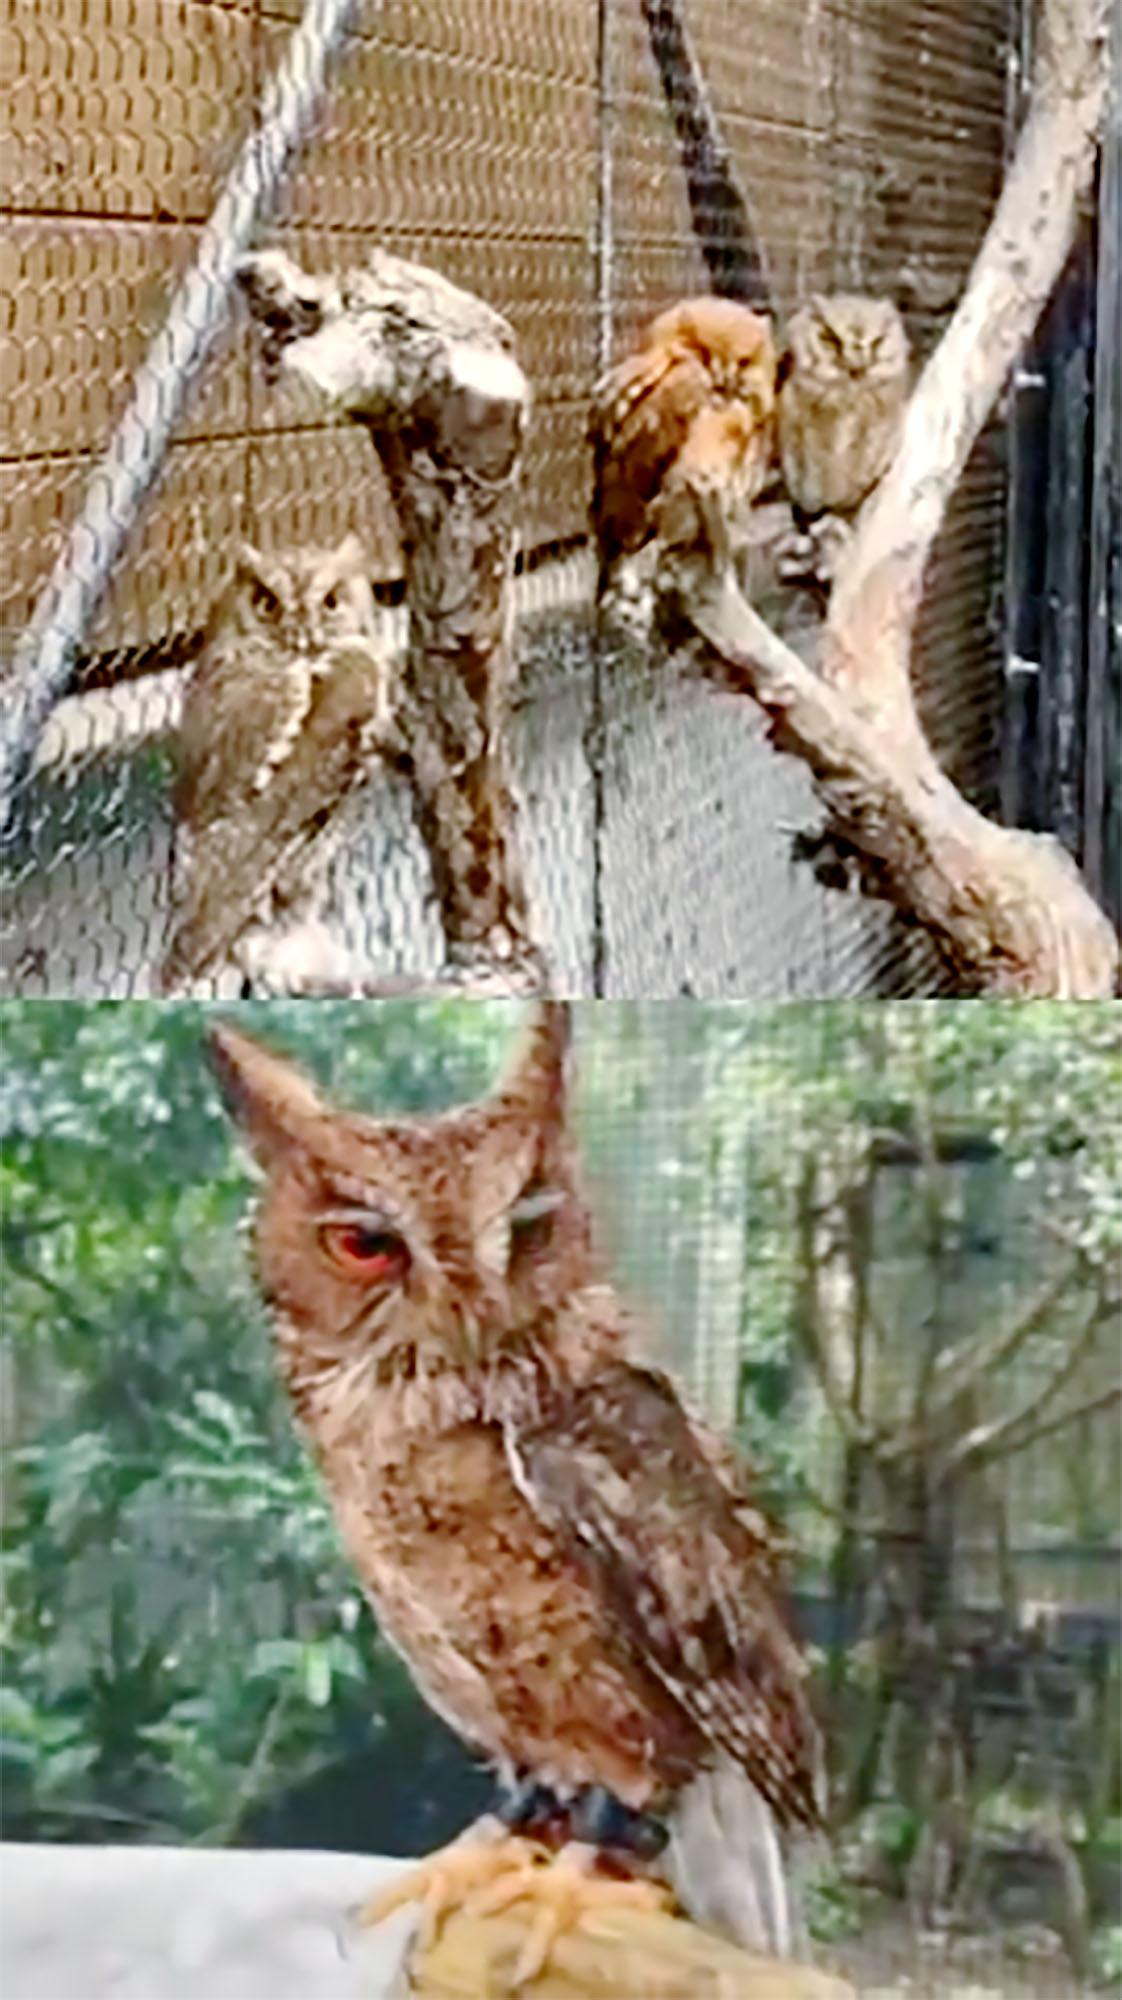 旭山動物園と沖縄こどもの国が「インスタグラム」を使い、生配信した動画